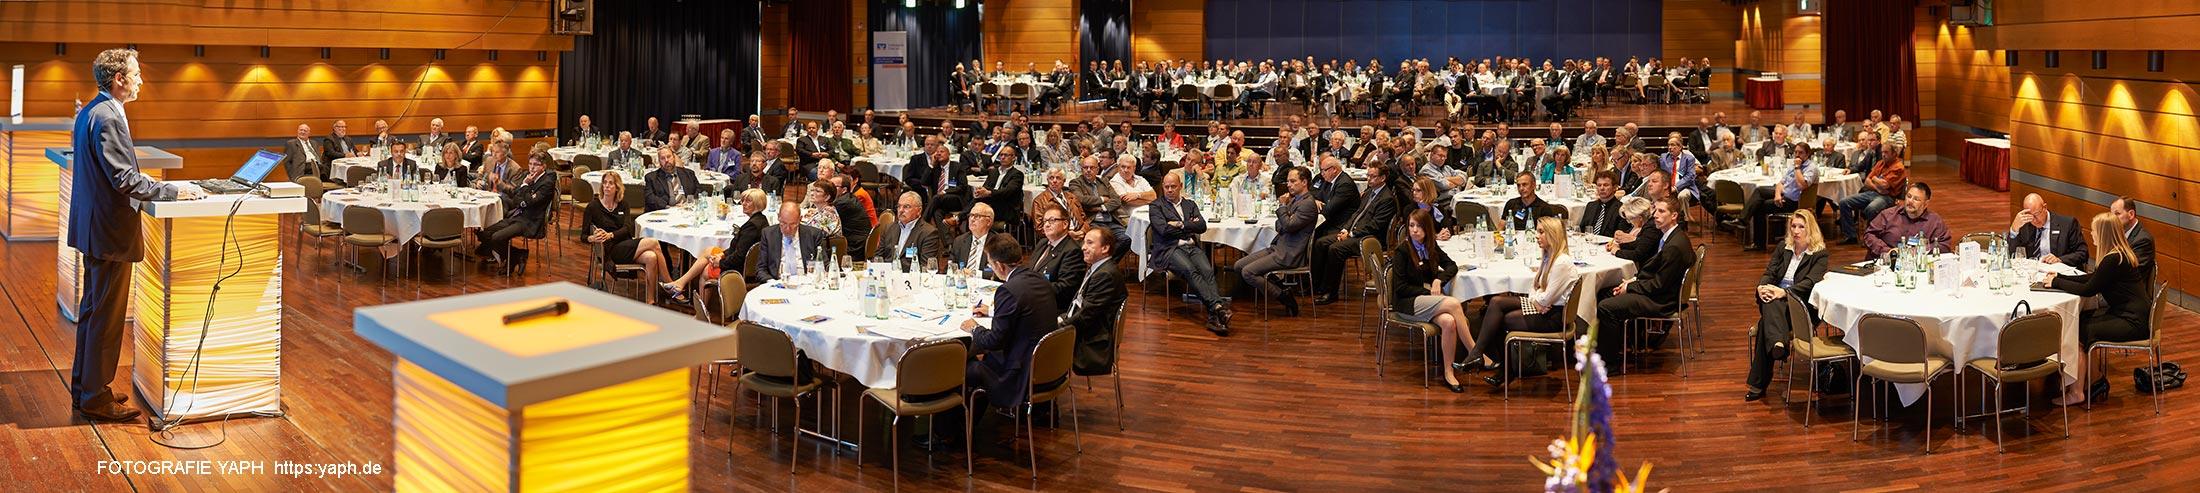 Business Fotografie für Firmen und Banken, hier  eine Fotoreportage der Jahresversammlung der Volksbank Trier eG.